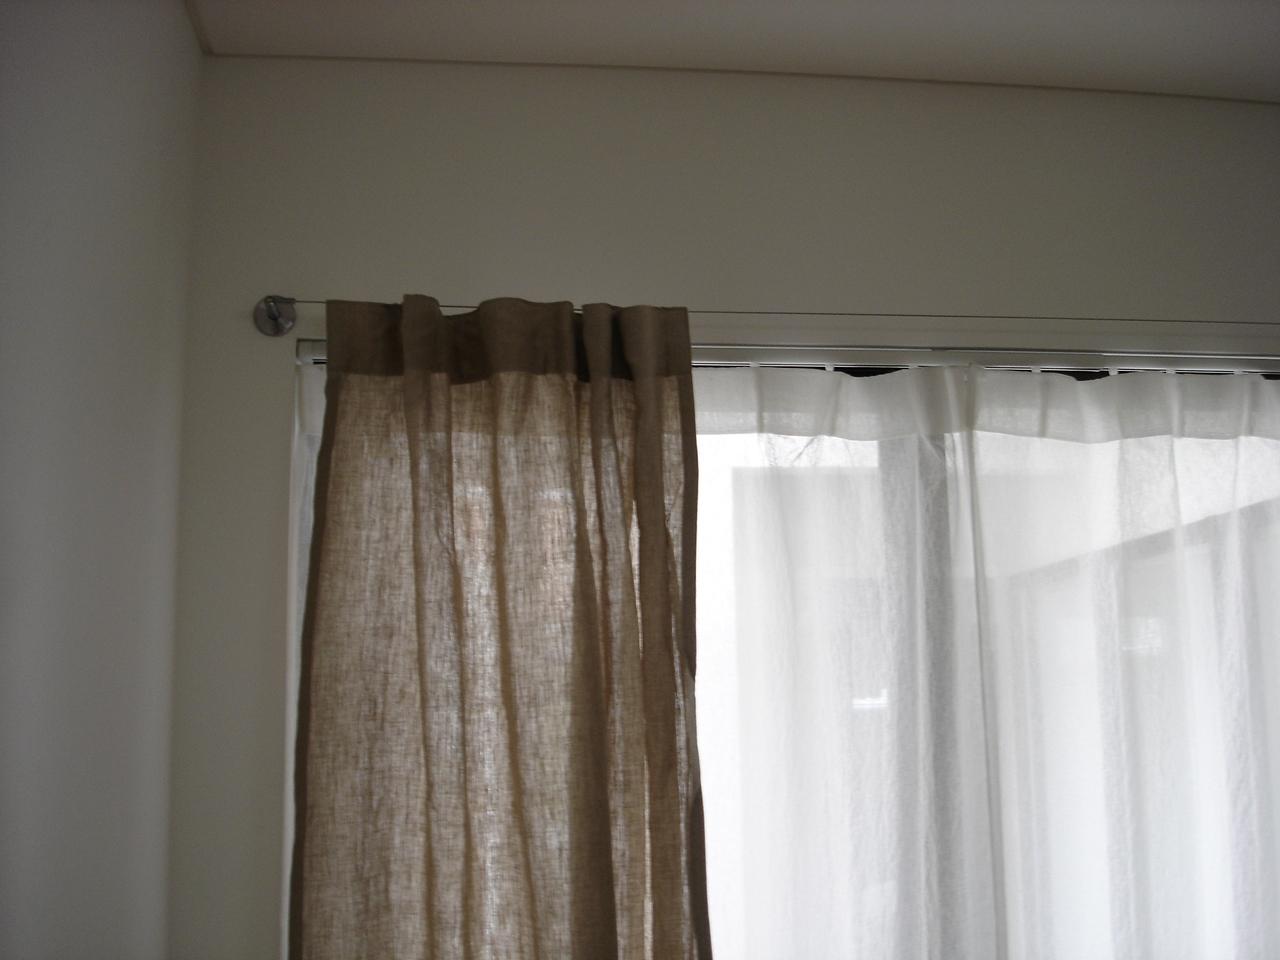 無印良品のオーダーカーテンで『ポリエステルしわ加工透けにくいレース ノンプリーツカーテン』というやつです ...